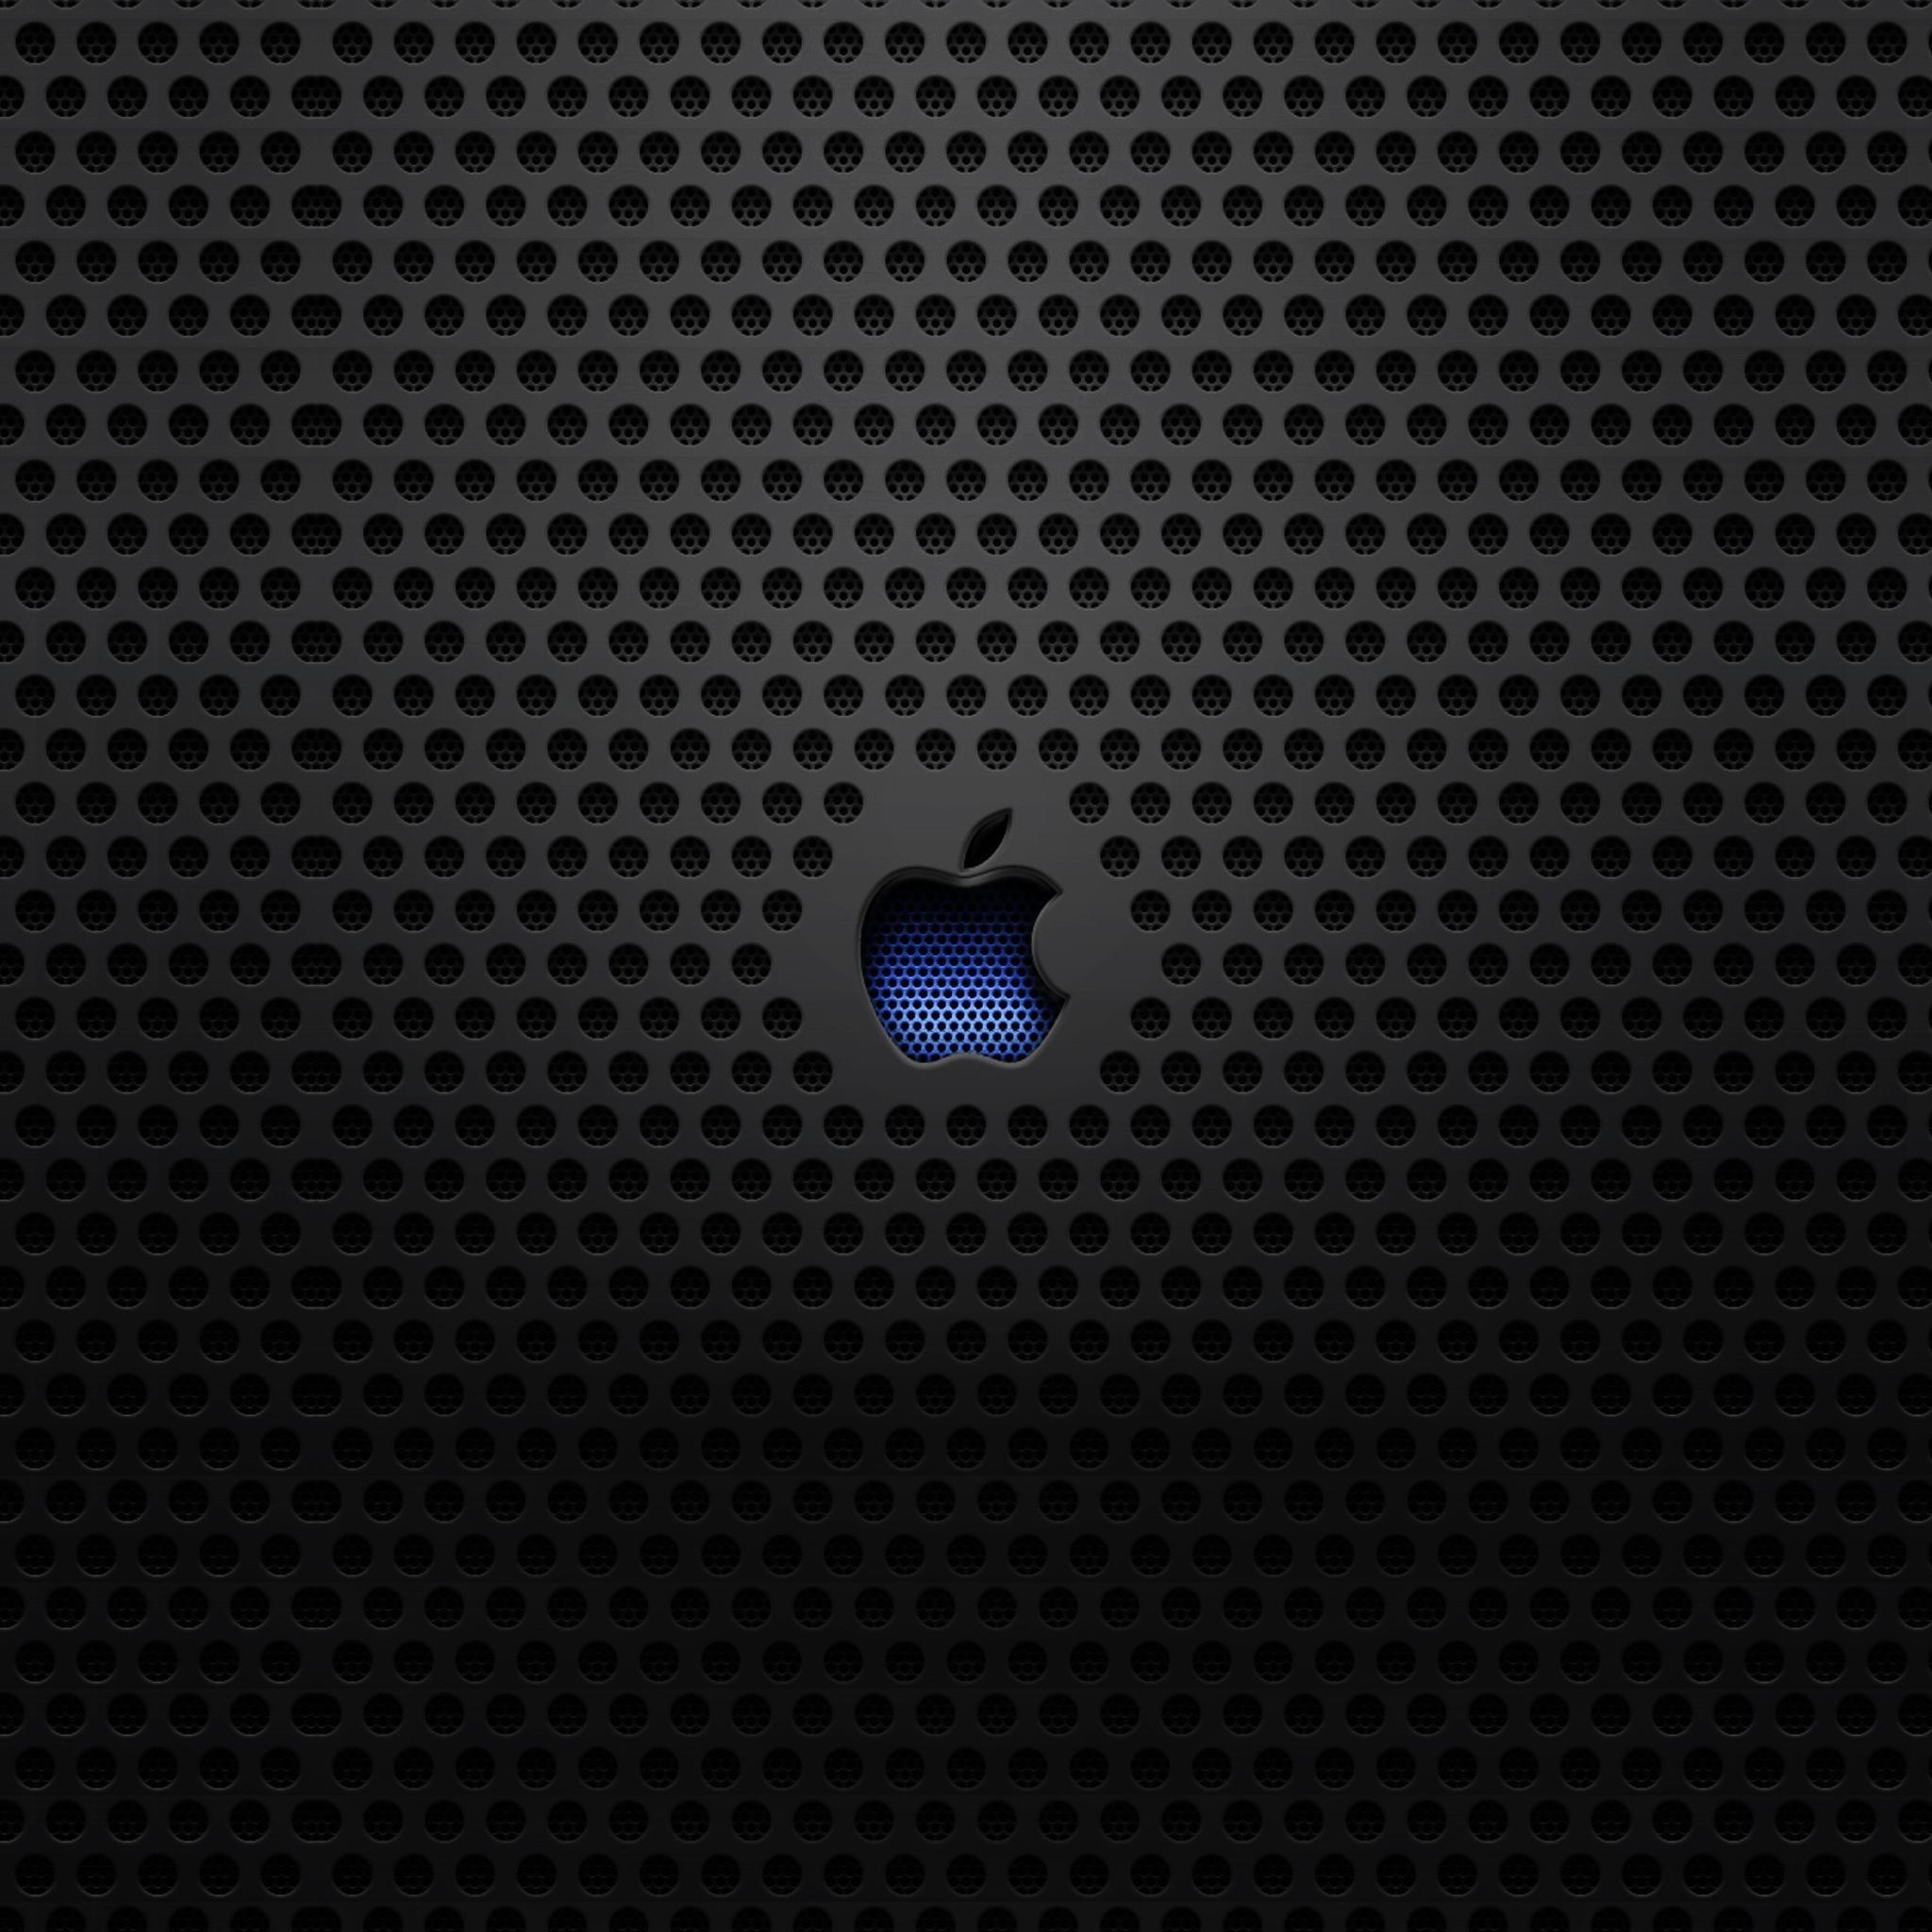 Marvel – The Avengers Shield Logo HD desktop wallpaper .